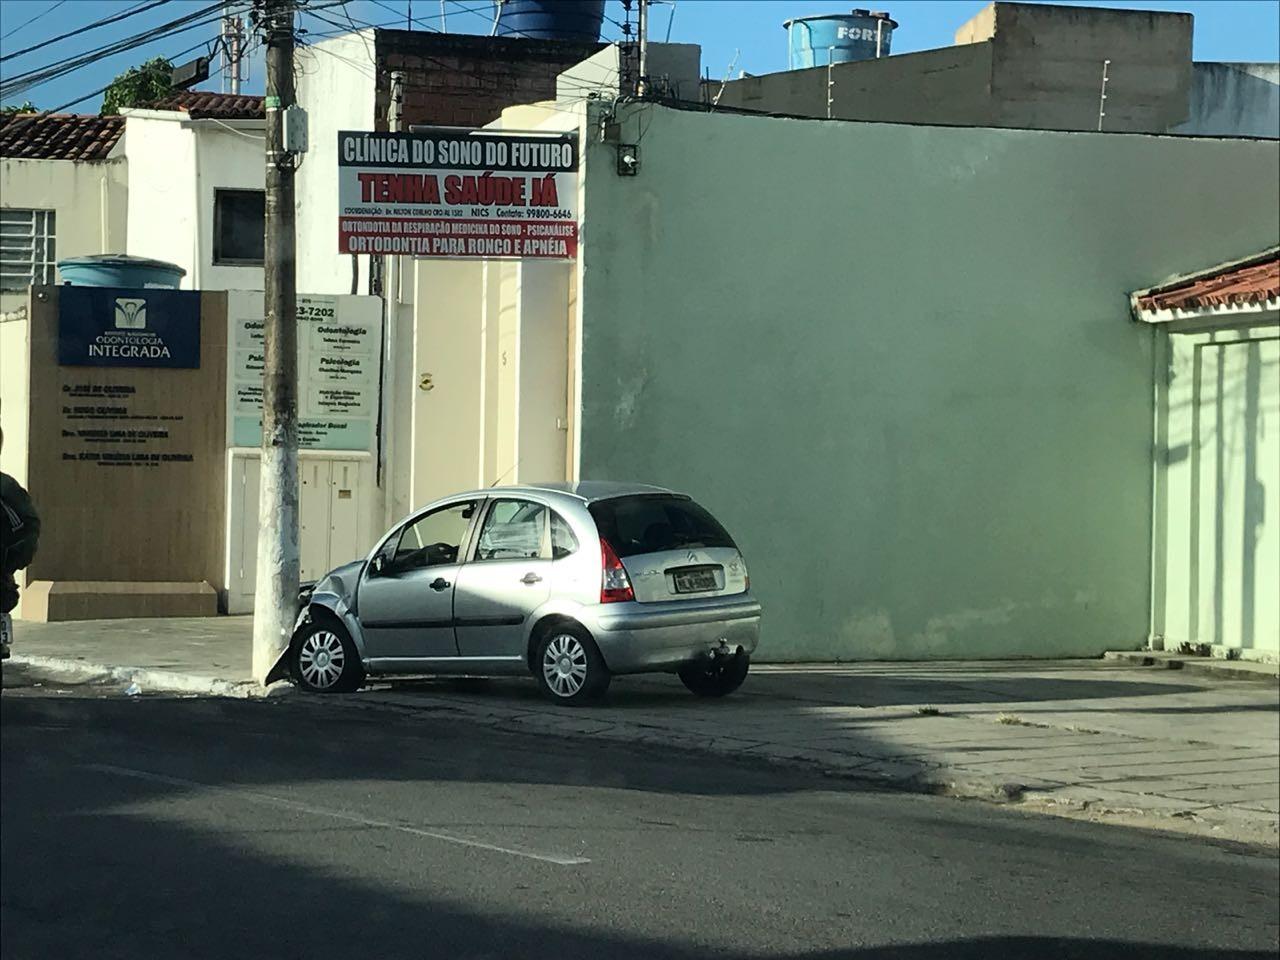 Motorista perde controle de carro, invade a calçada e bate em poste no Farol, em Maceió